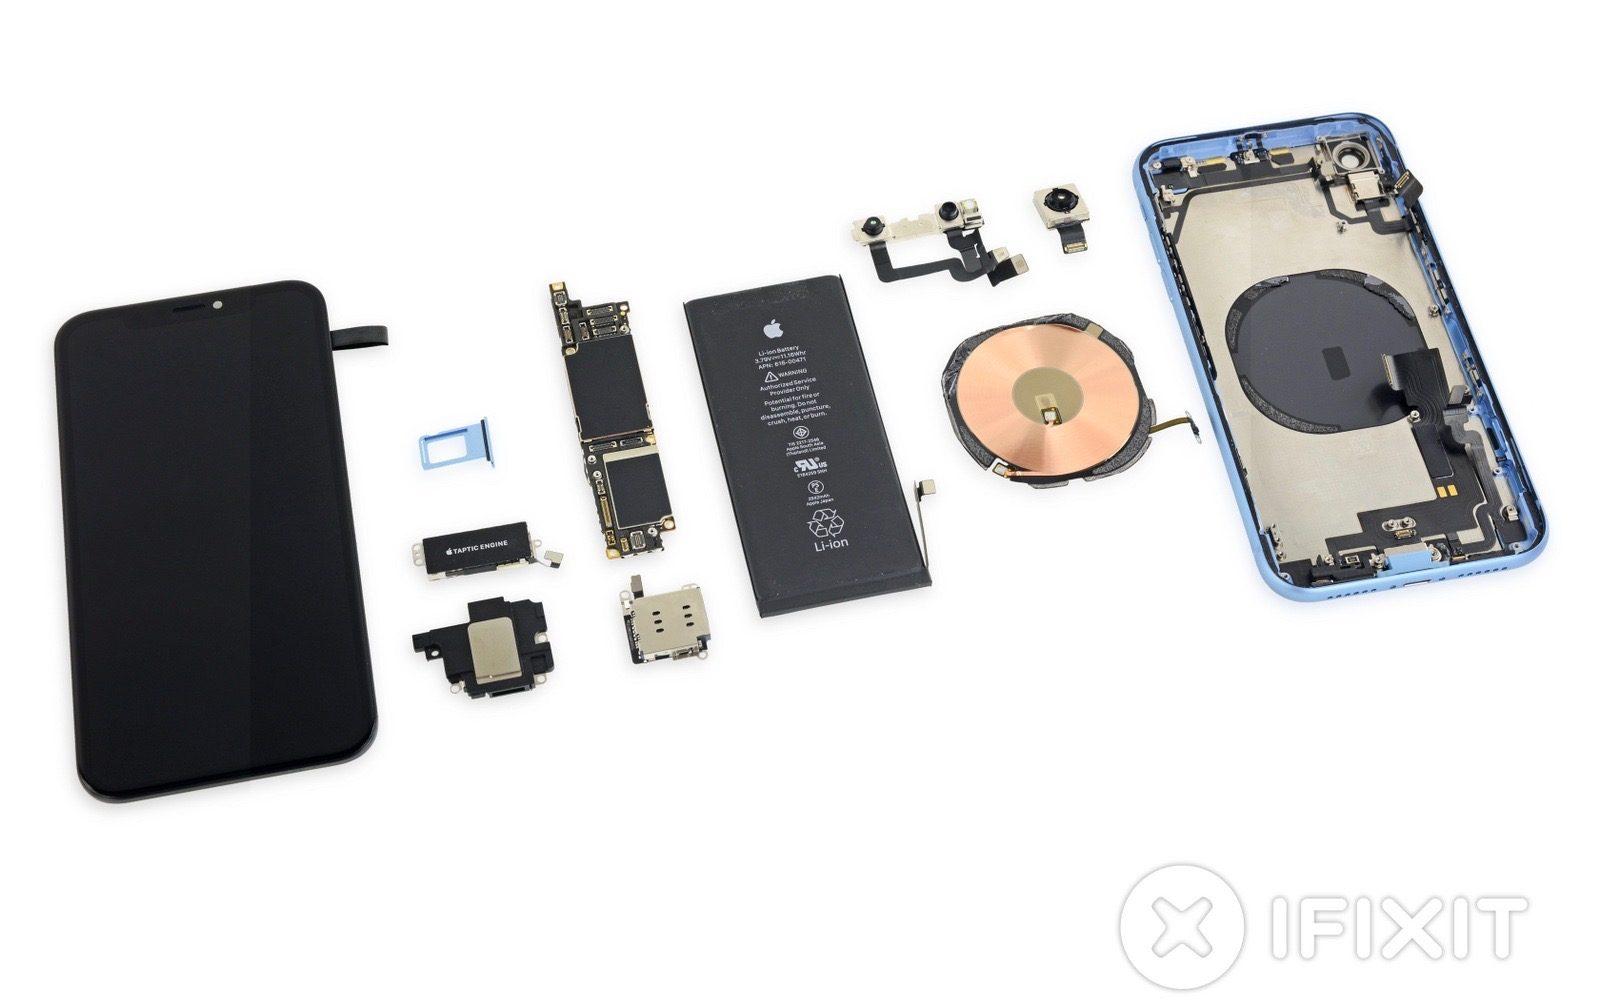 iPhone Xr démonté par iFixit : plusieurs bonnes surprises au rendez-vous